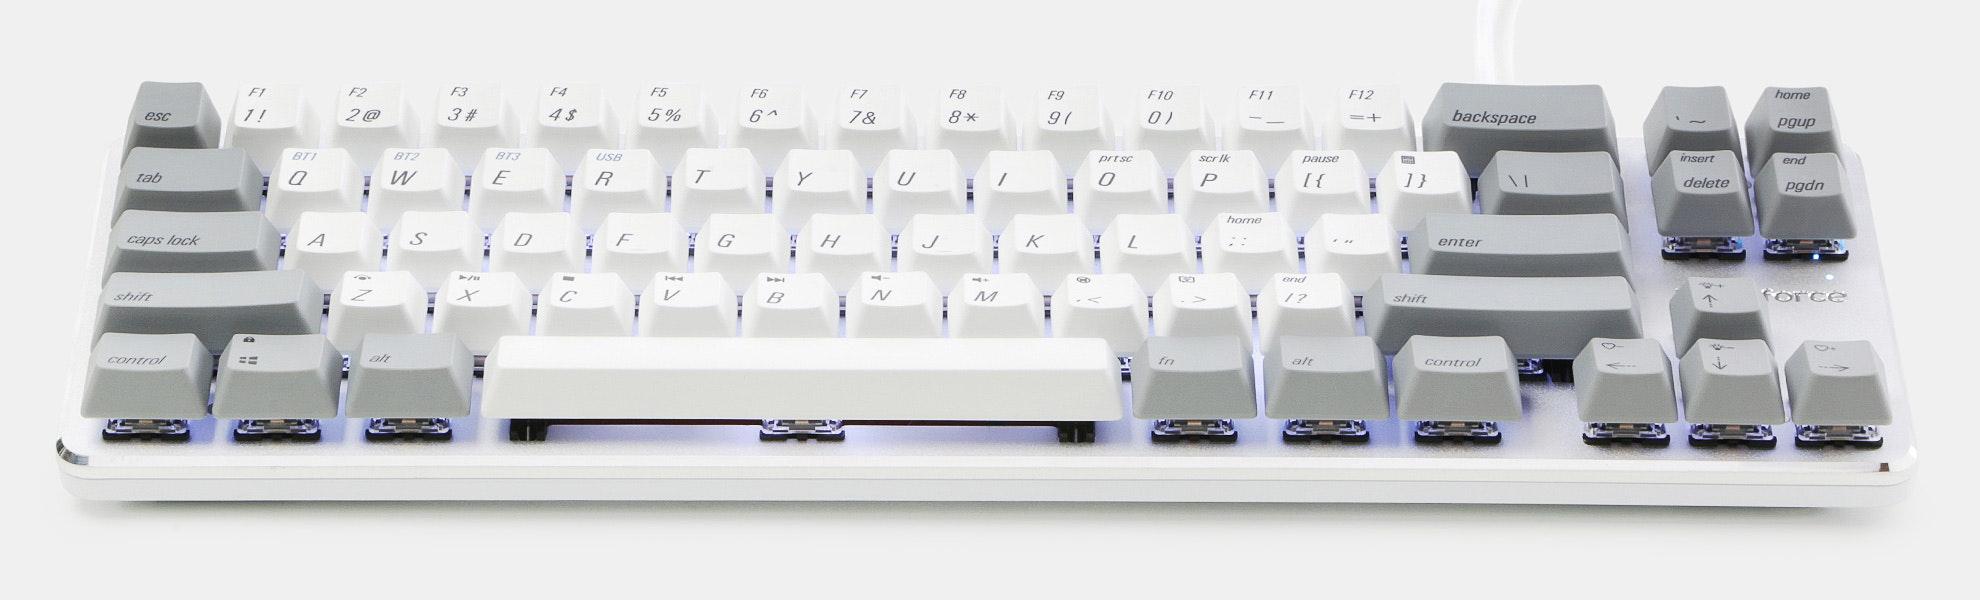 Magicforce 68 V2 Bluetooth 4.0 Mechanical Keyboard